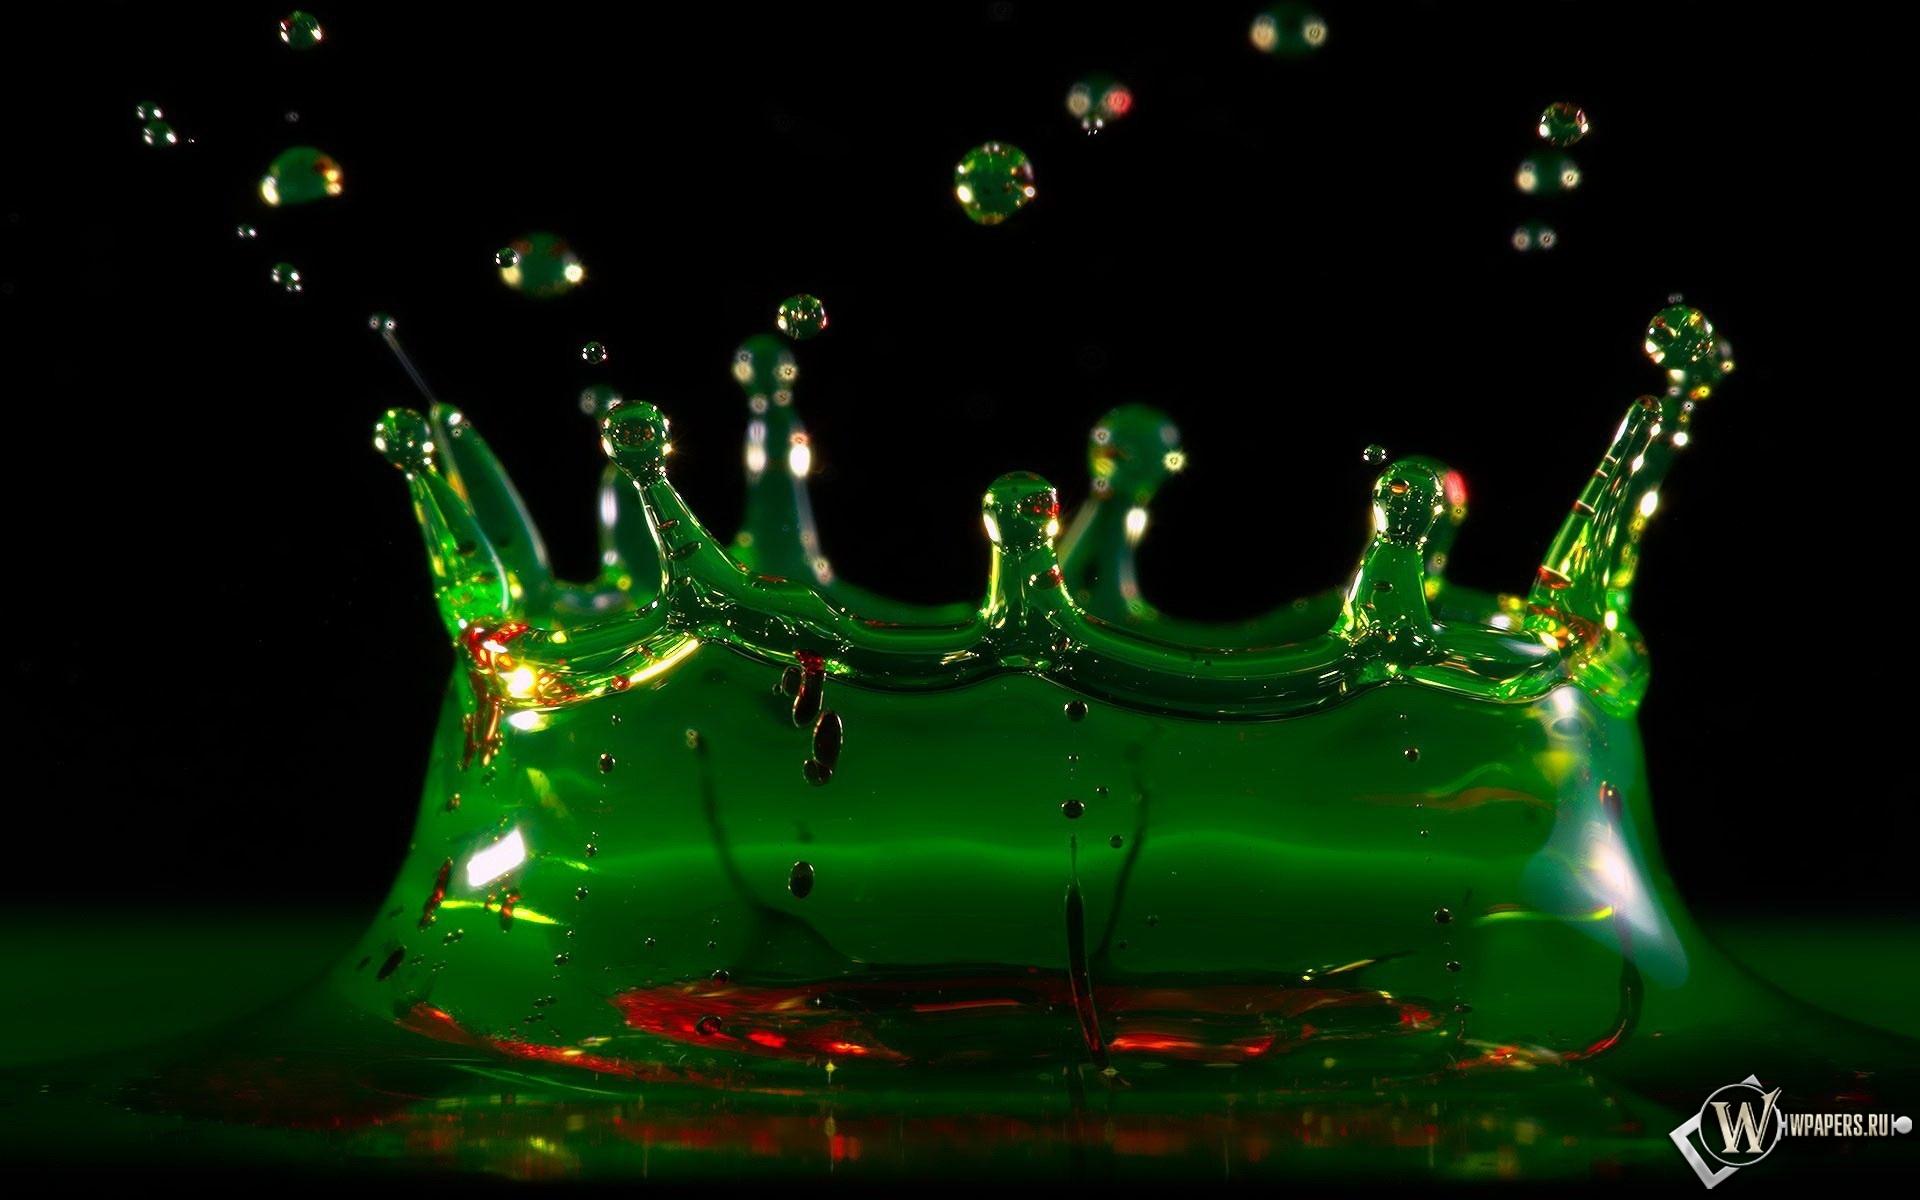 Зелёный всплеск 1920x1200